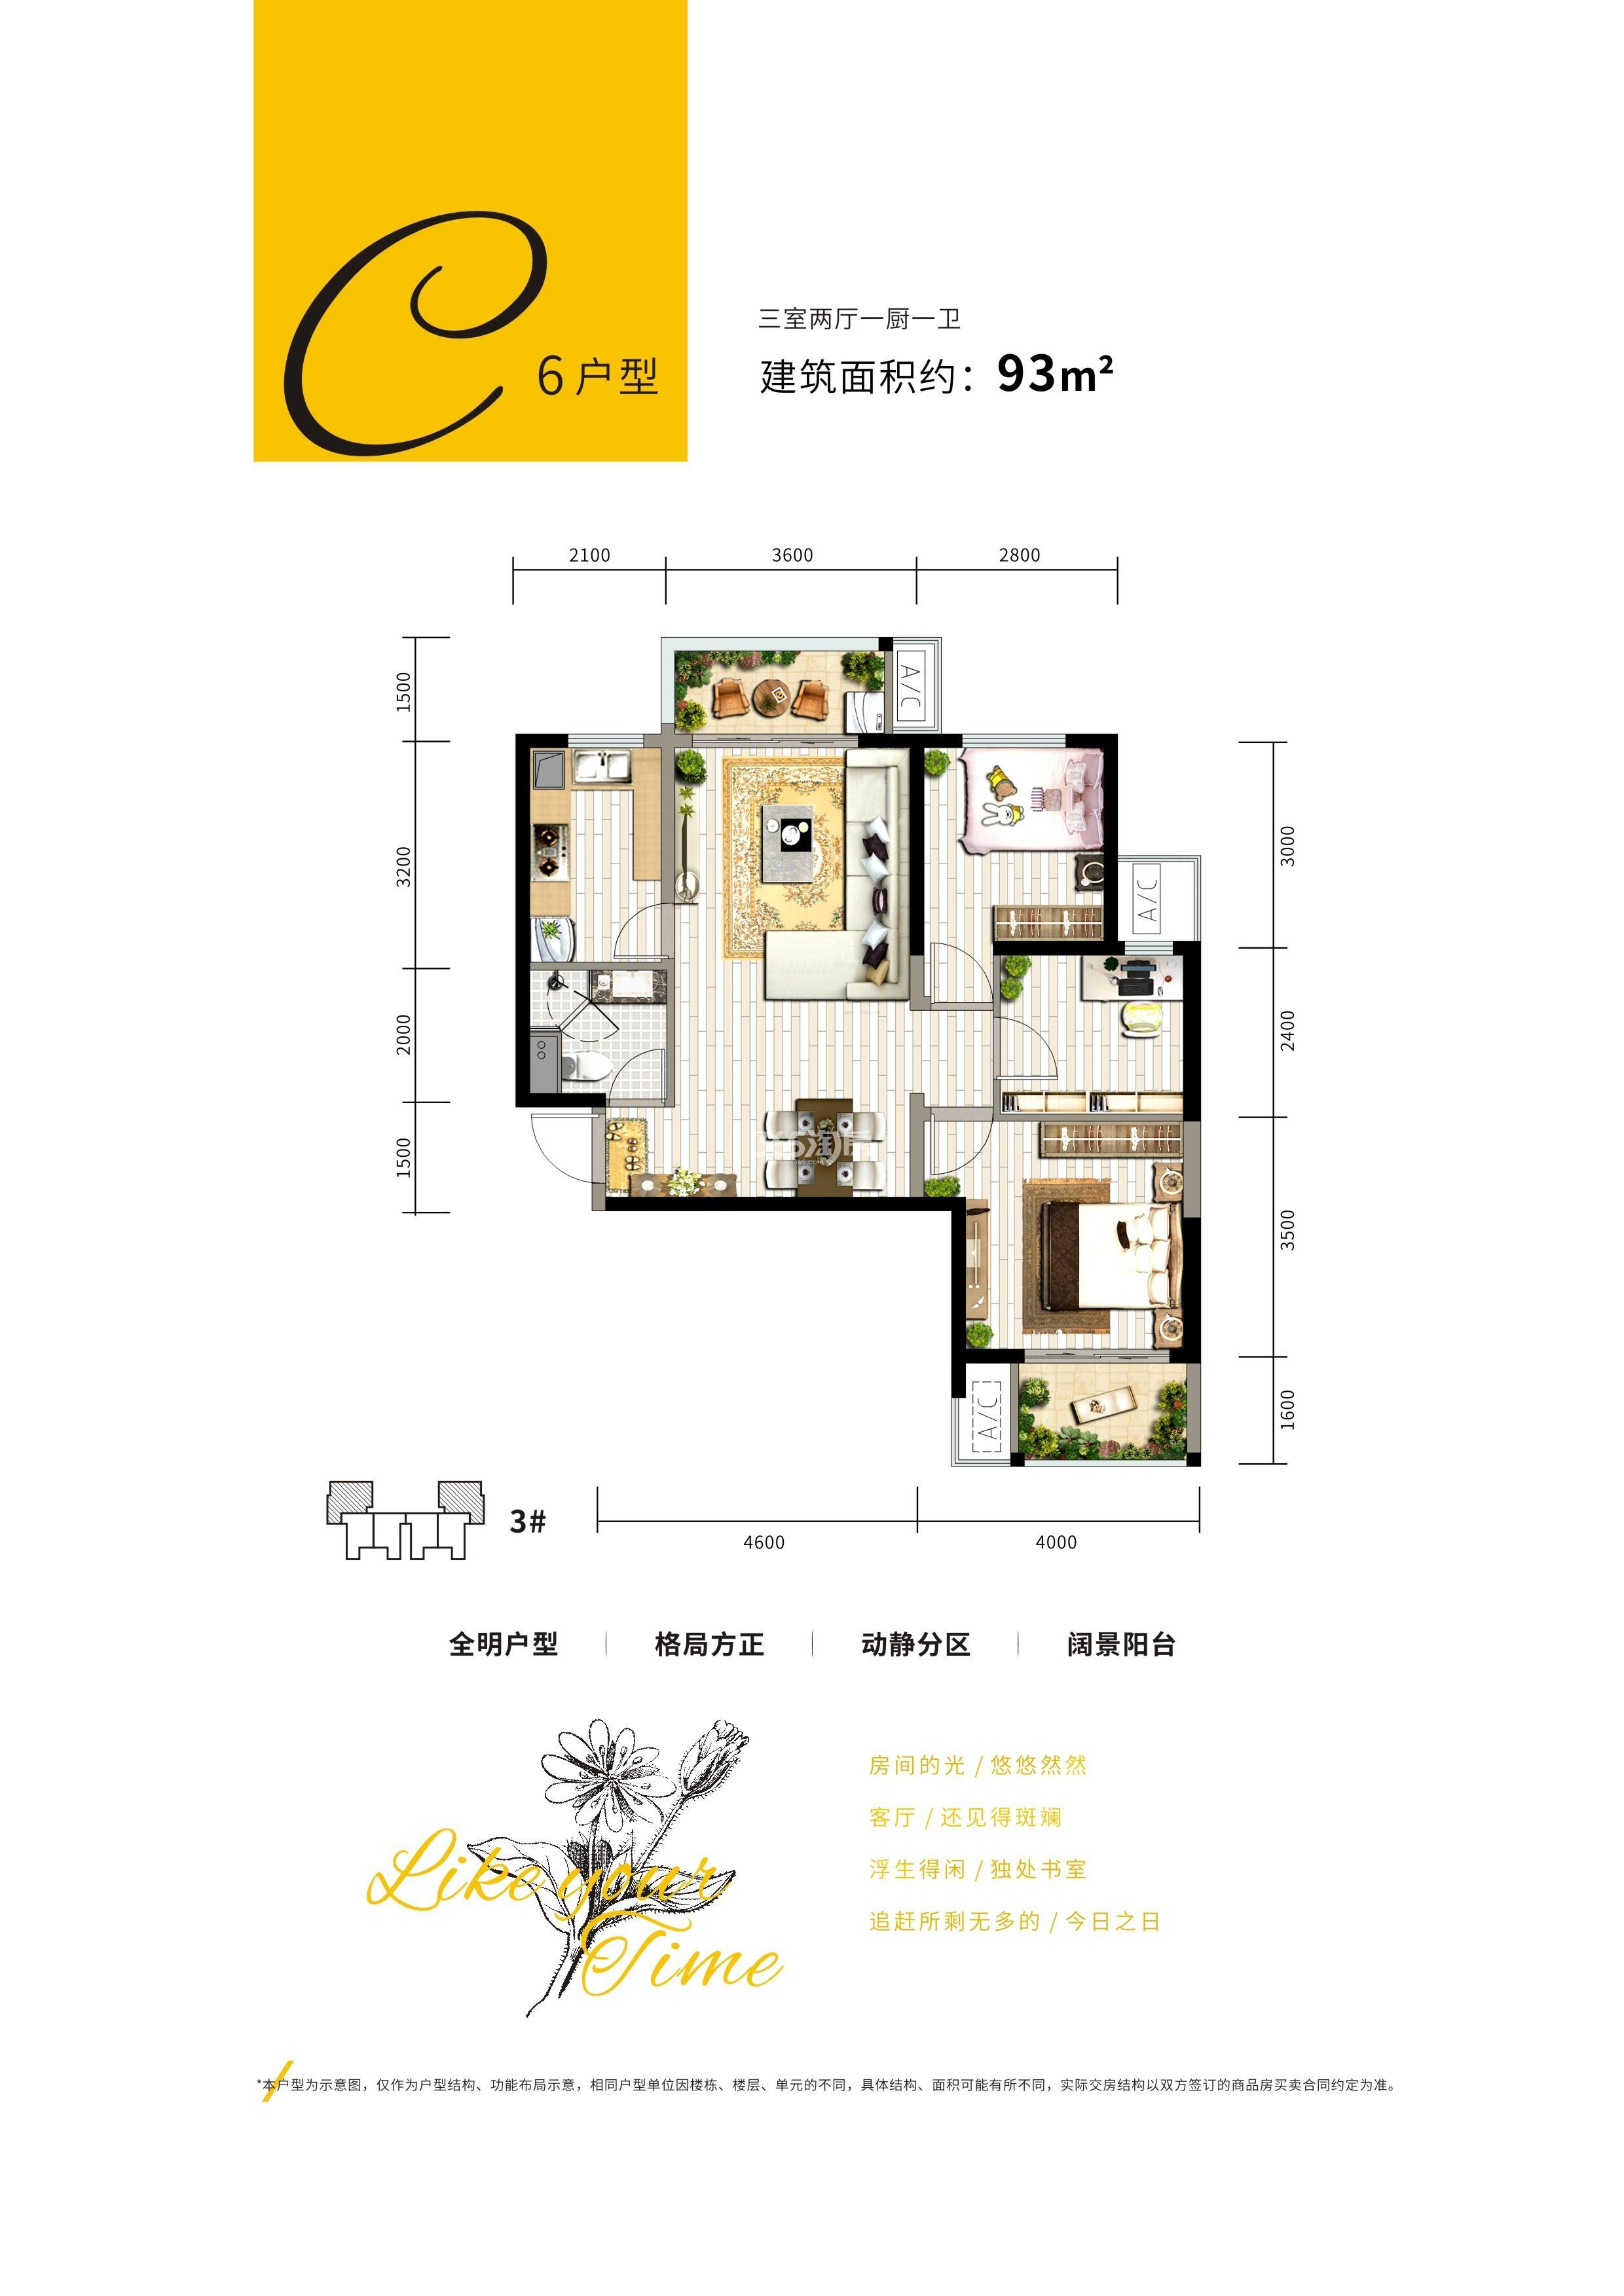 华远海蓝城6期C6户型3室两厅一厨一卫93㎡